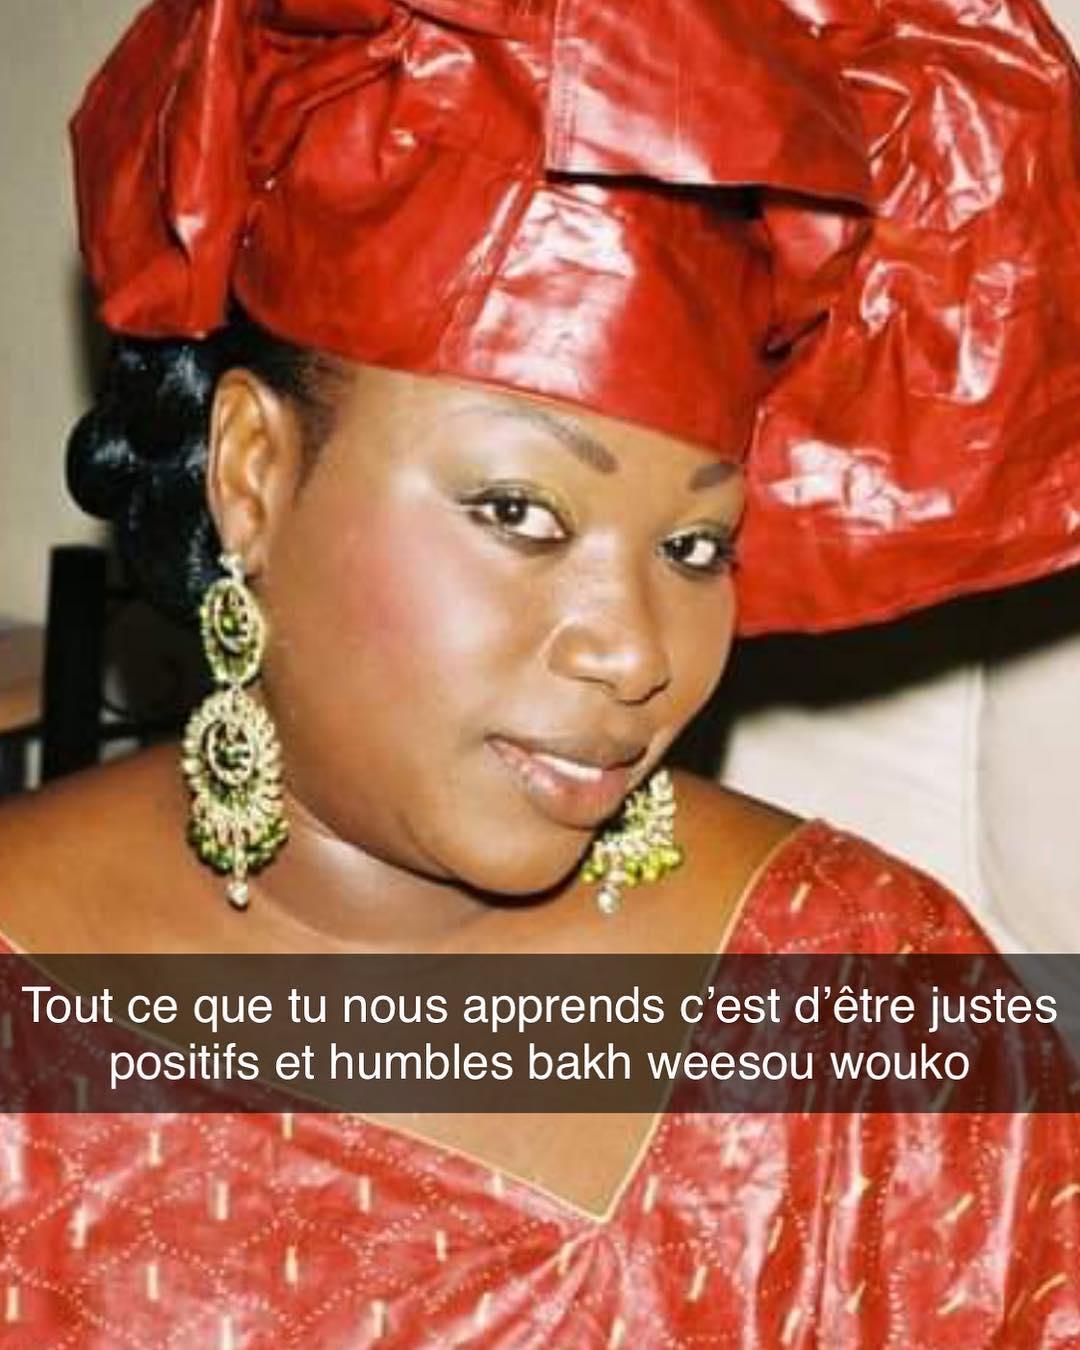 Khady-Bijou-Ndiaye-3 Frappante ressemblance : Khady Bijou Ndiaye dévoile sa mère pour la première fois (05 Photos)